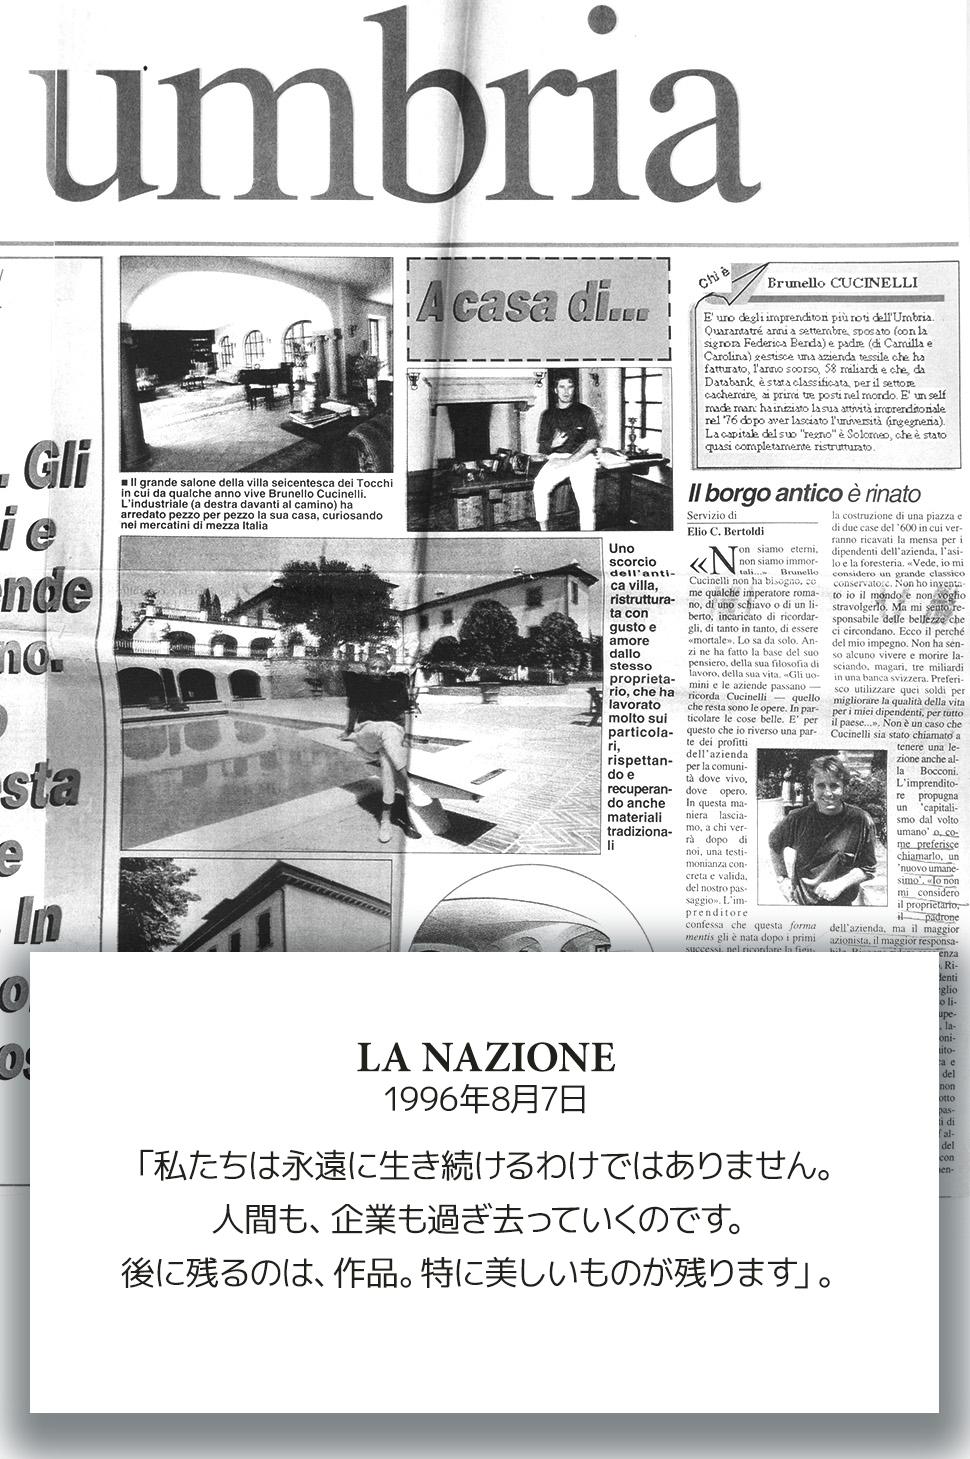 1996 La Nazione